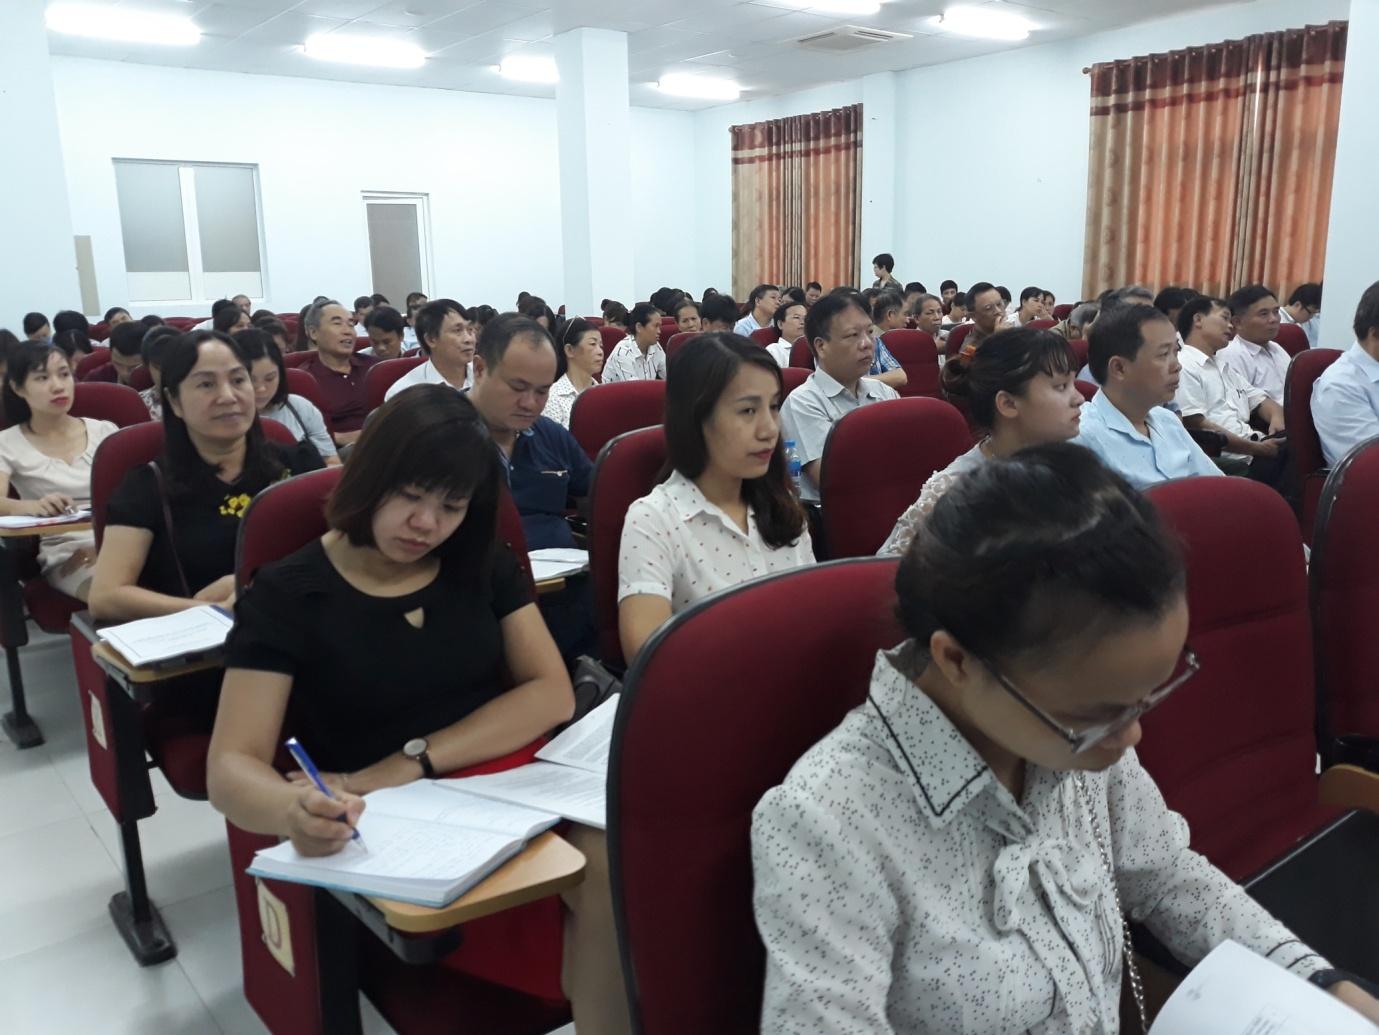 Bắc Từ Liêm, Hà Nội: Tập huấn nghiệp vụ quản lý nhà nước về an toàn thực phẩm